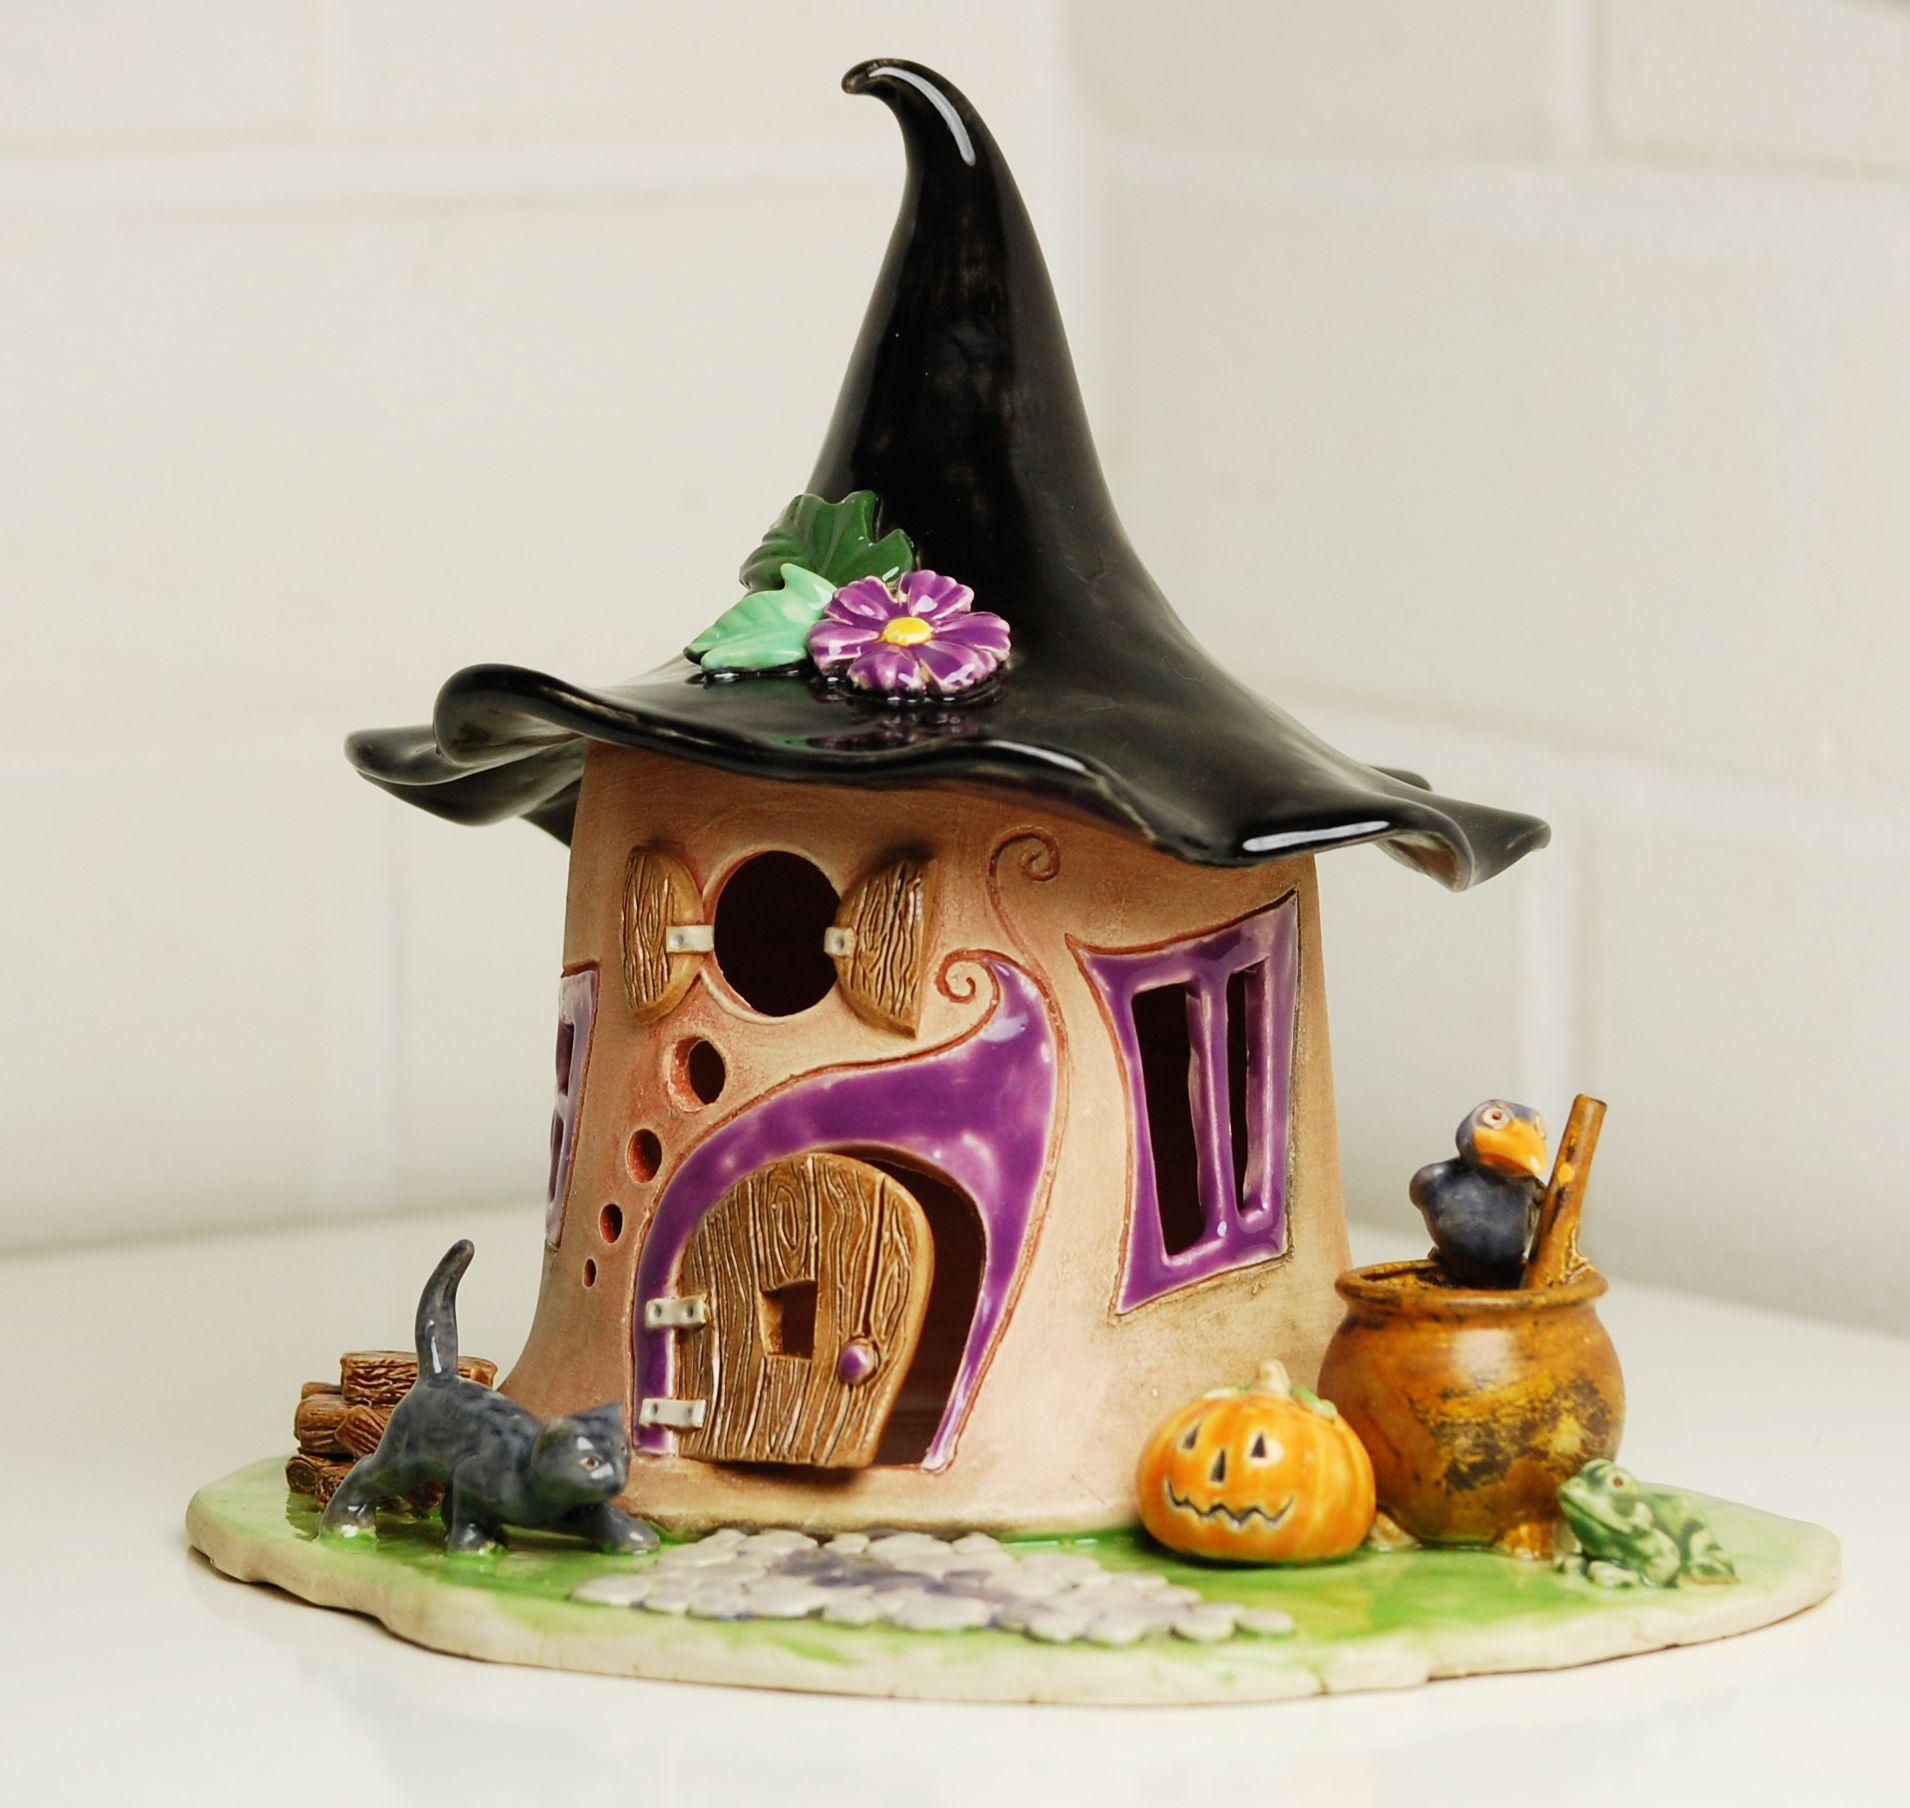 gro es elfenhaus windlicht f r halloween honiglicht. Black Bedroom Furniture Sets. Home Design Ideas